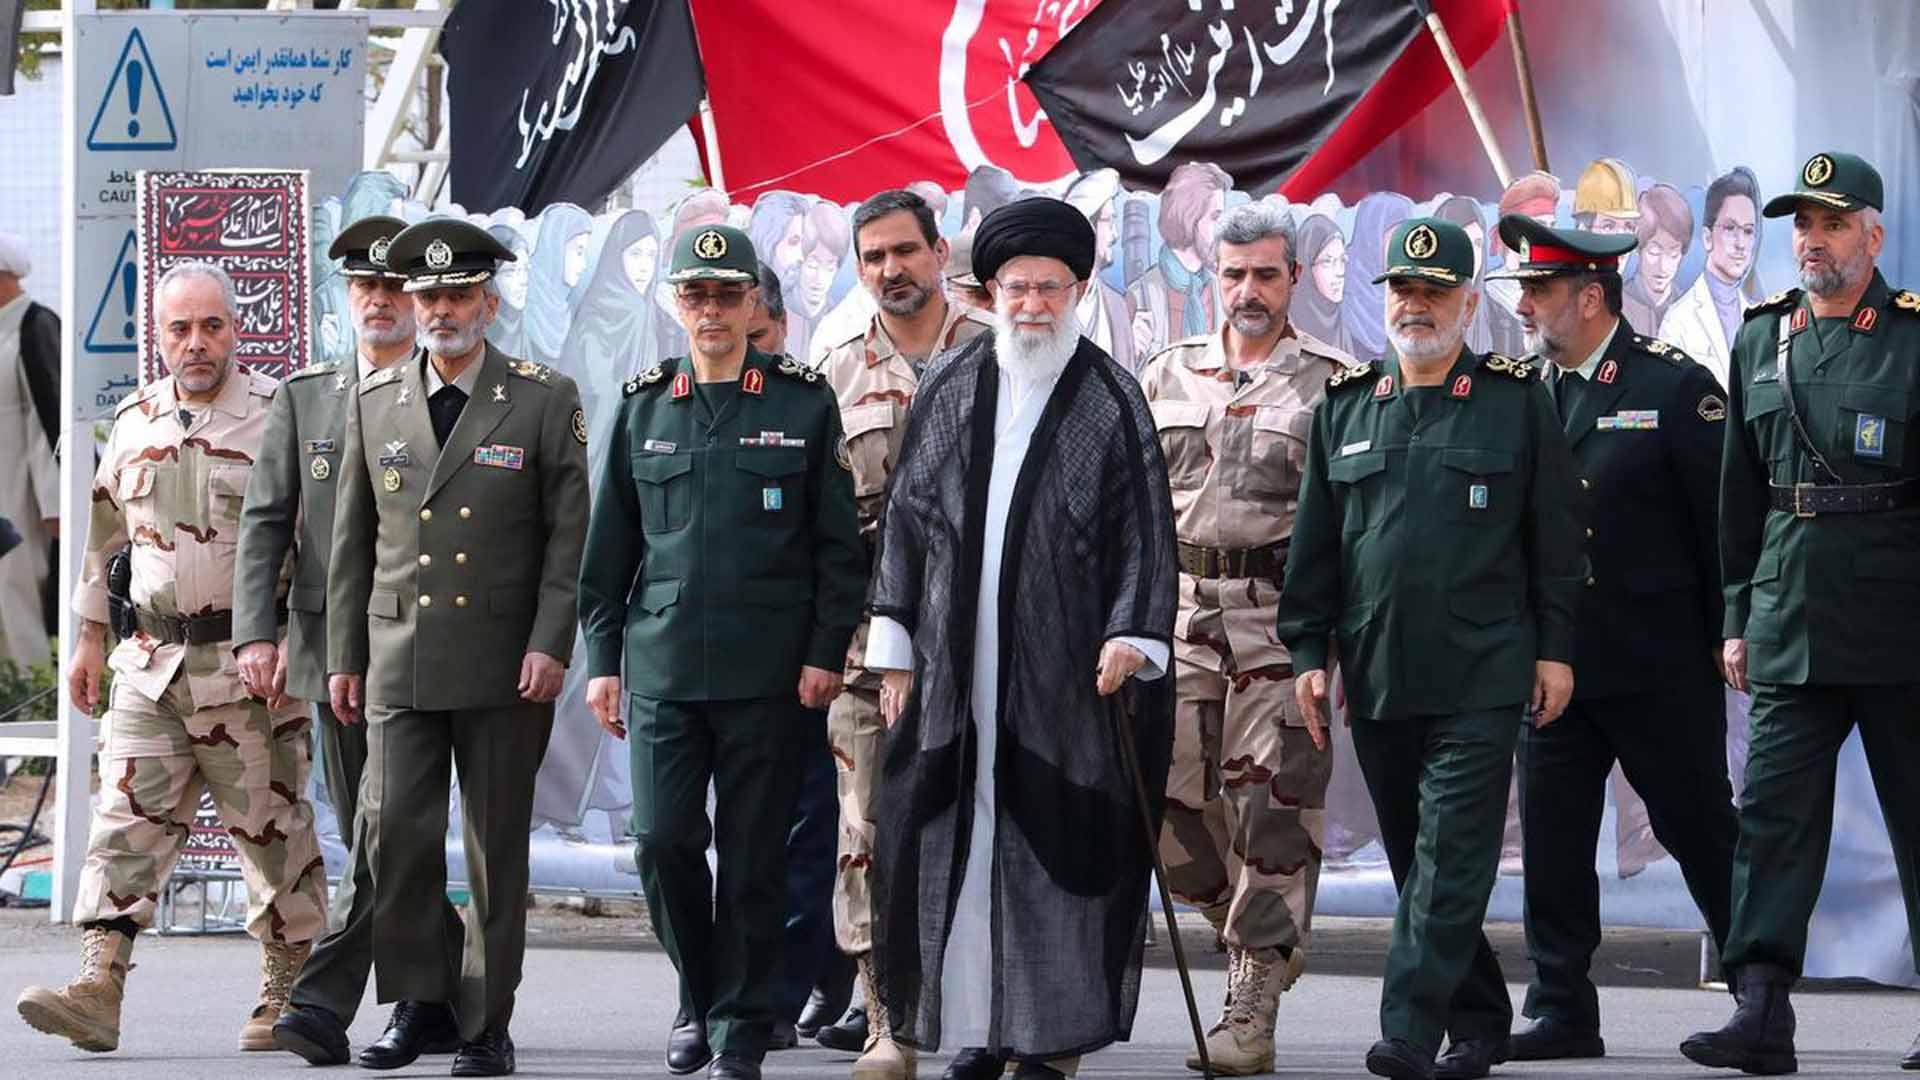 ما هي احتمالات وصول العسكر إلى سدة الحكم في إيران؟